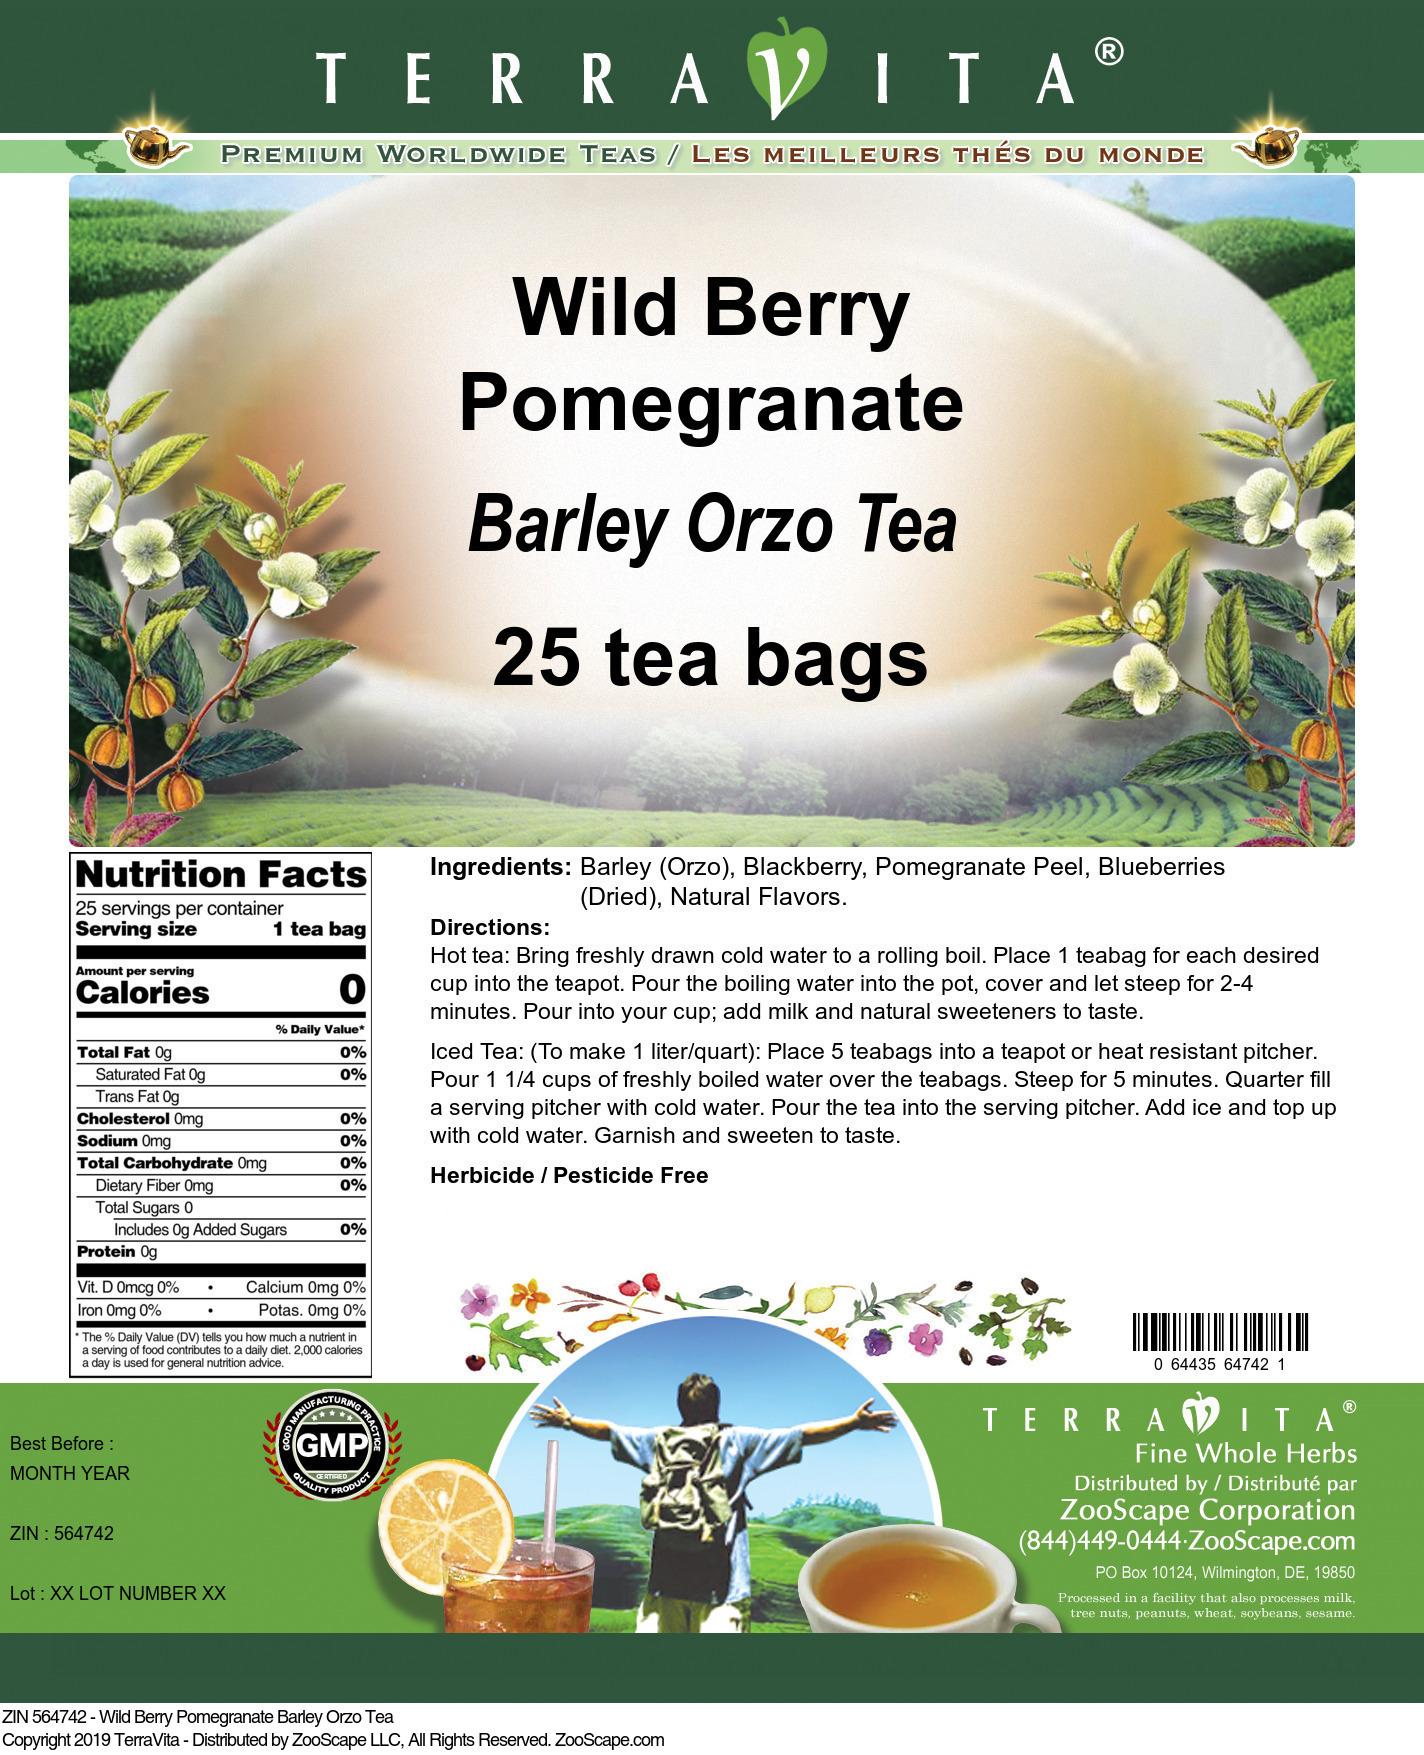 Wild Berry Pomegranate Barley Orzo Tea